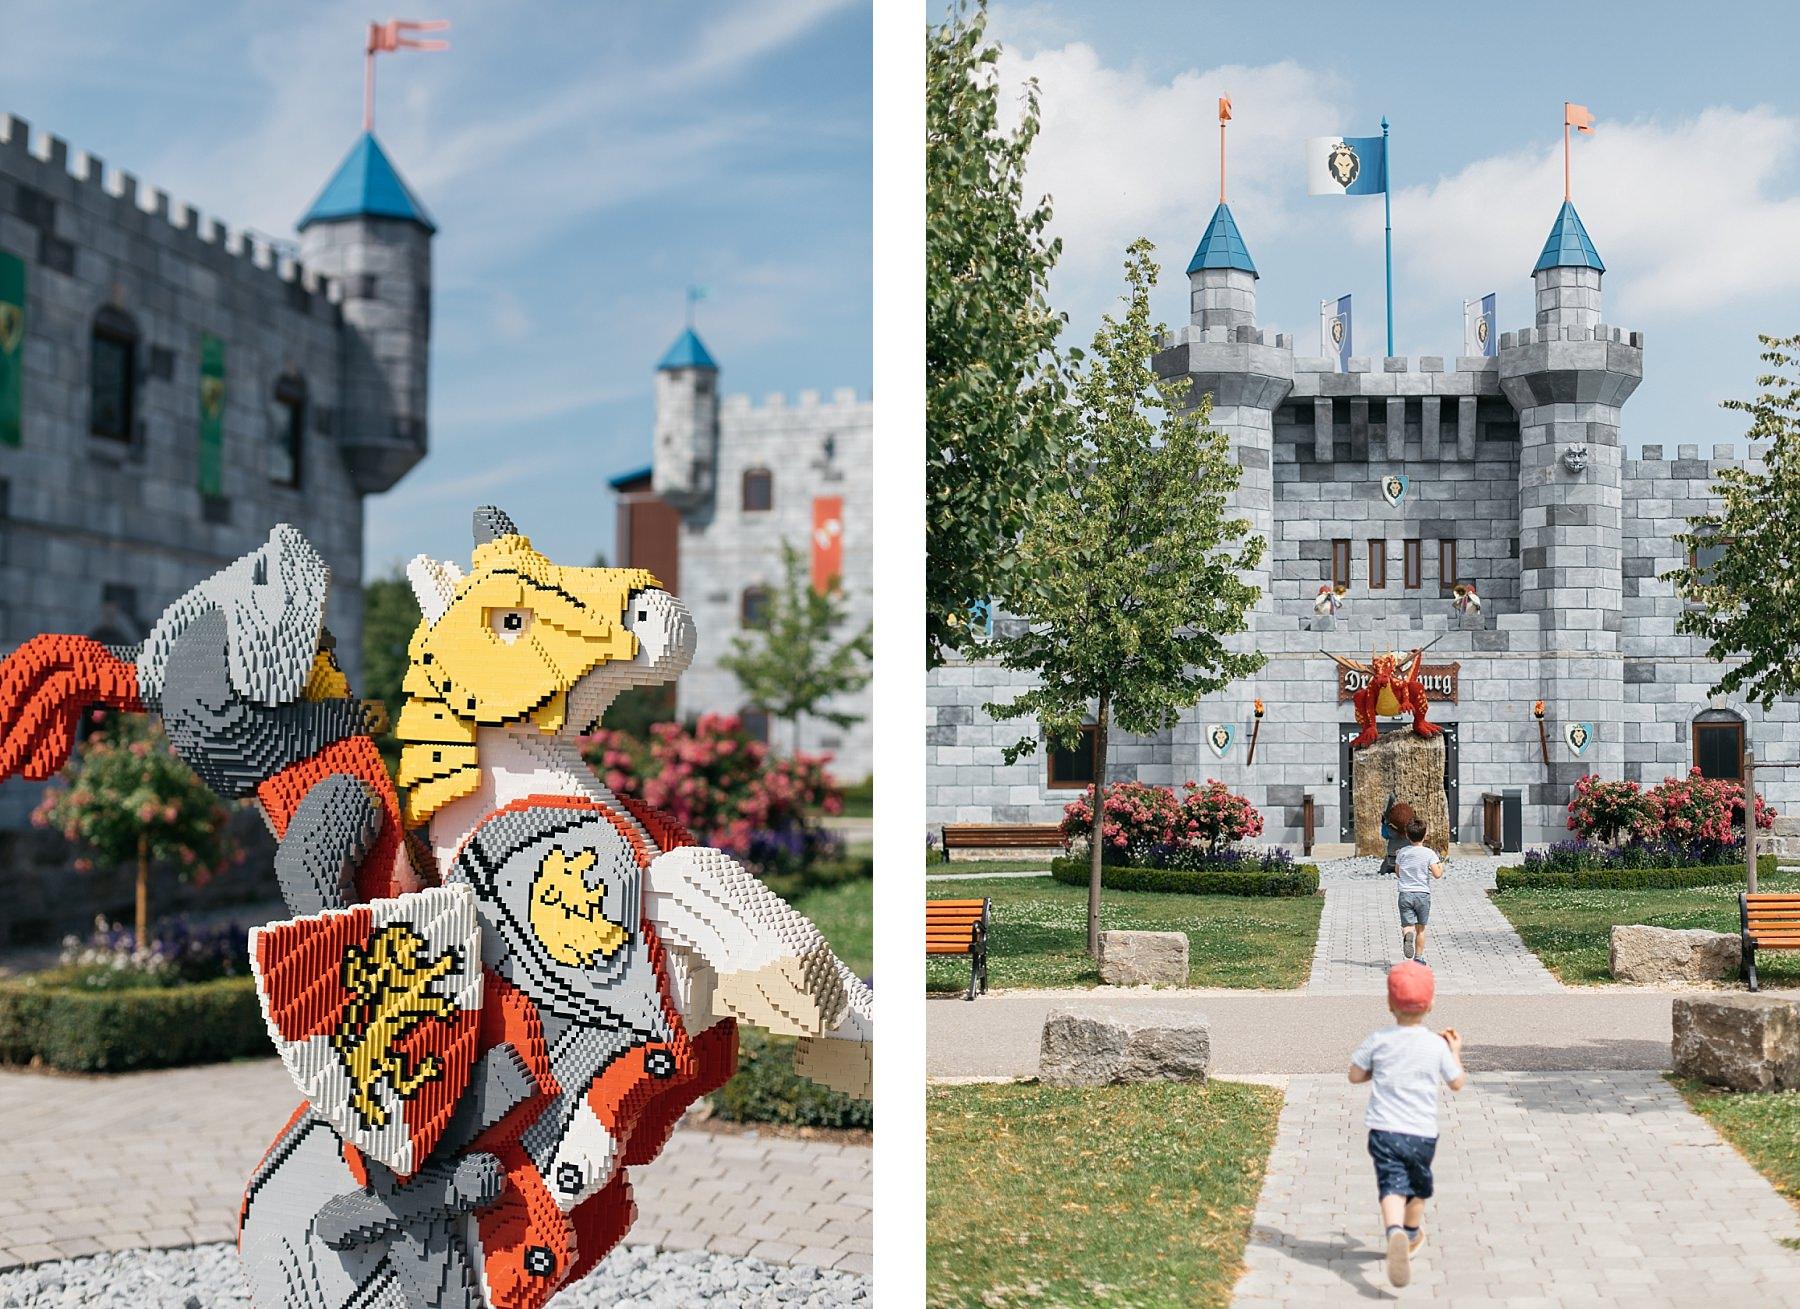 Legoland - 57 millions de briques Lego 63